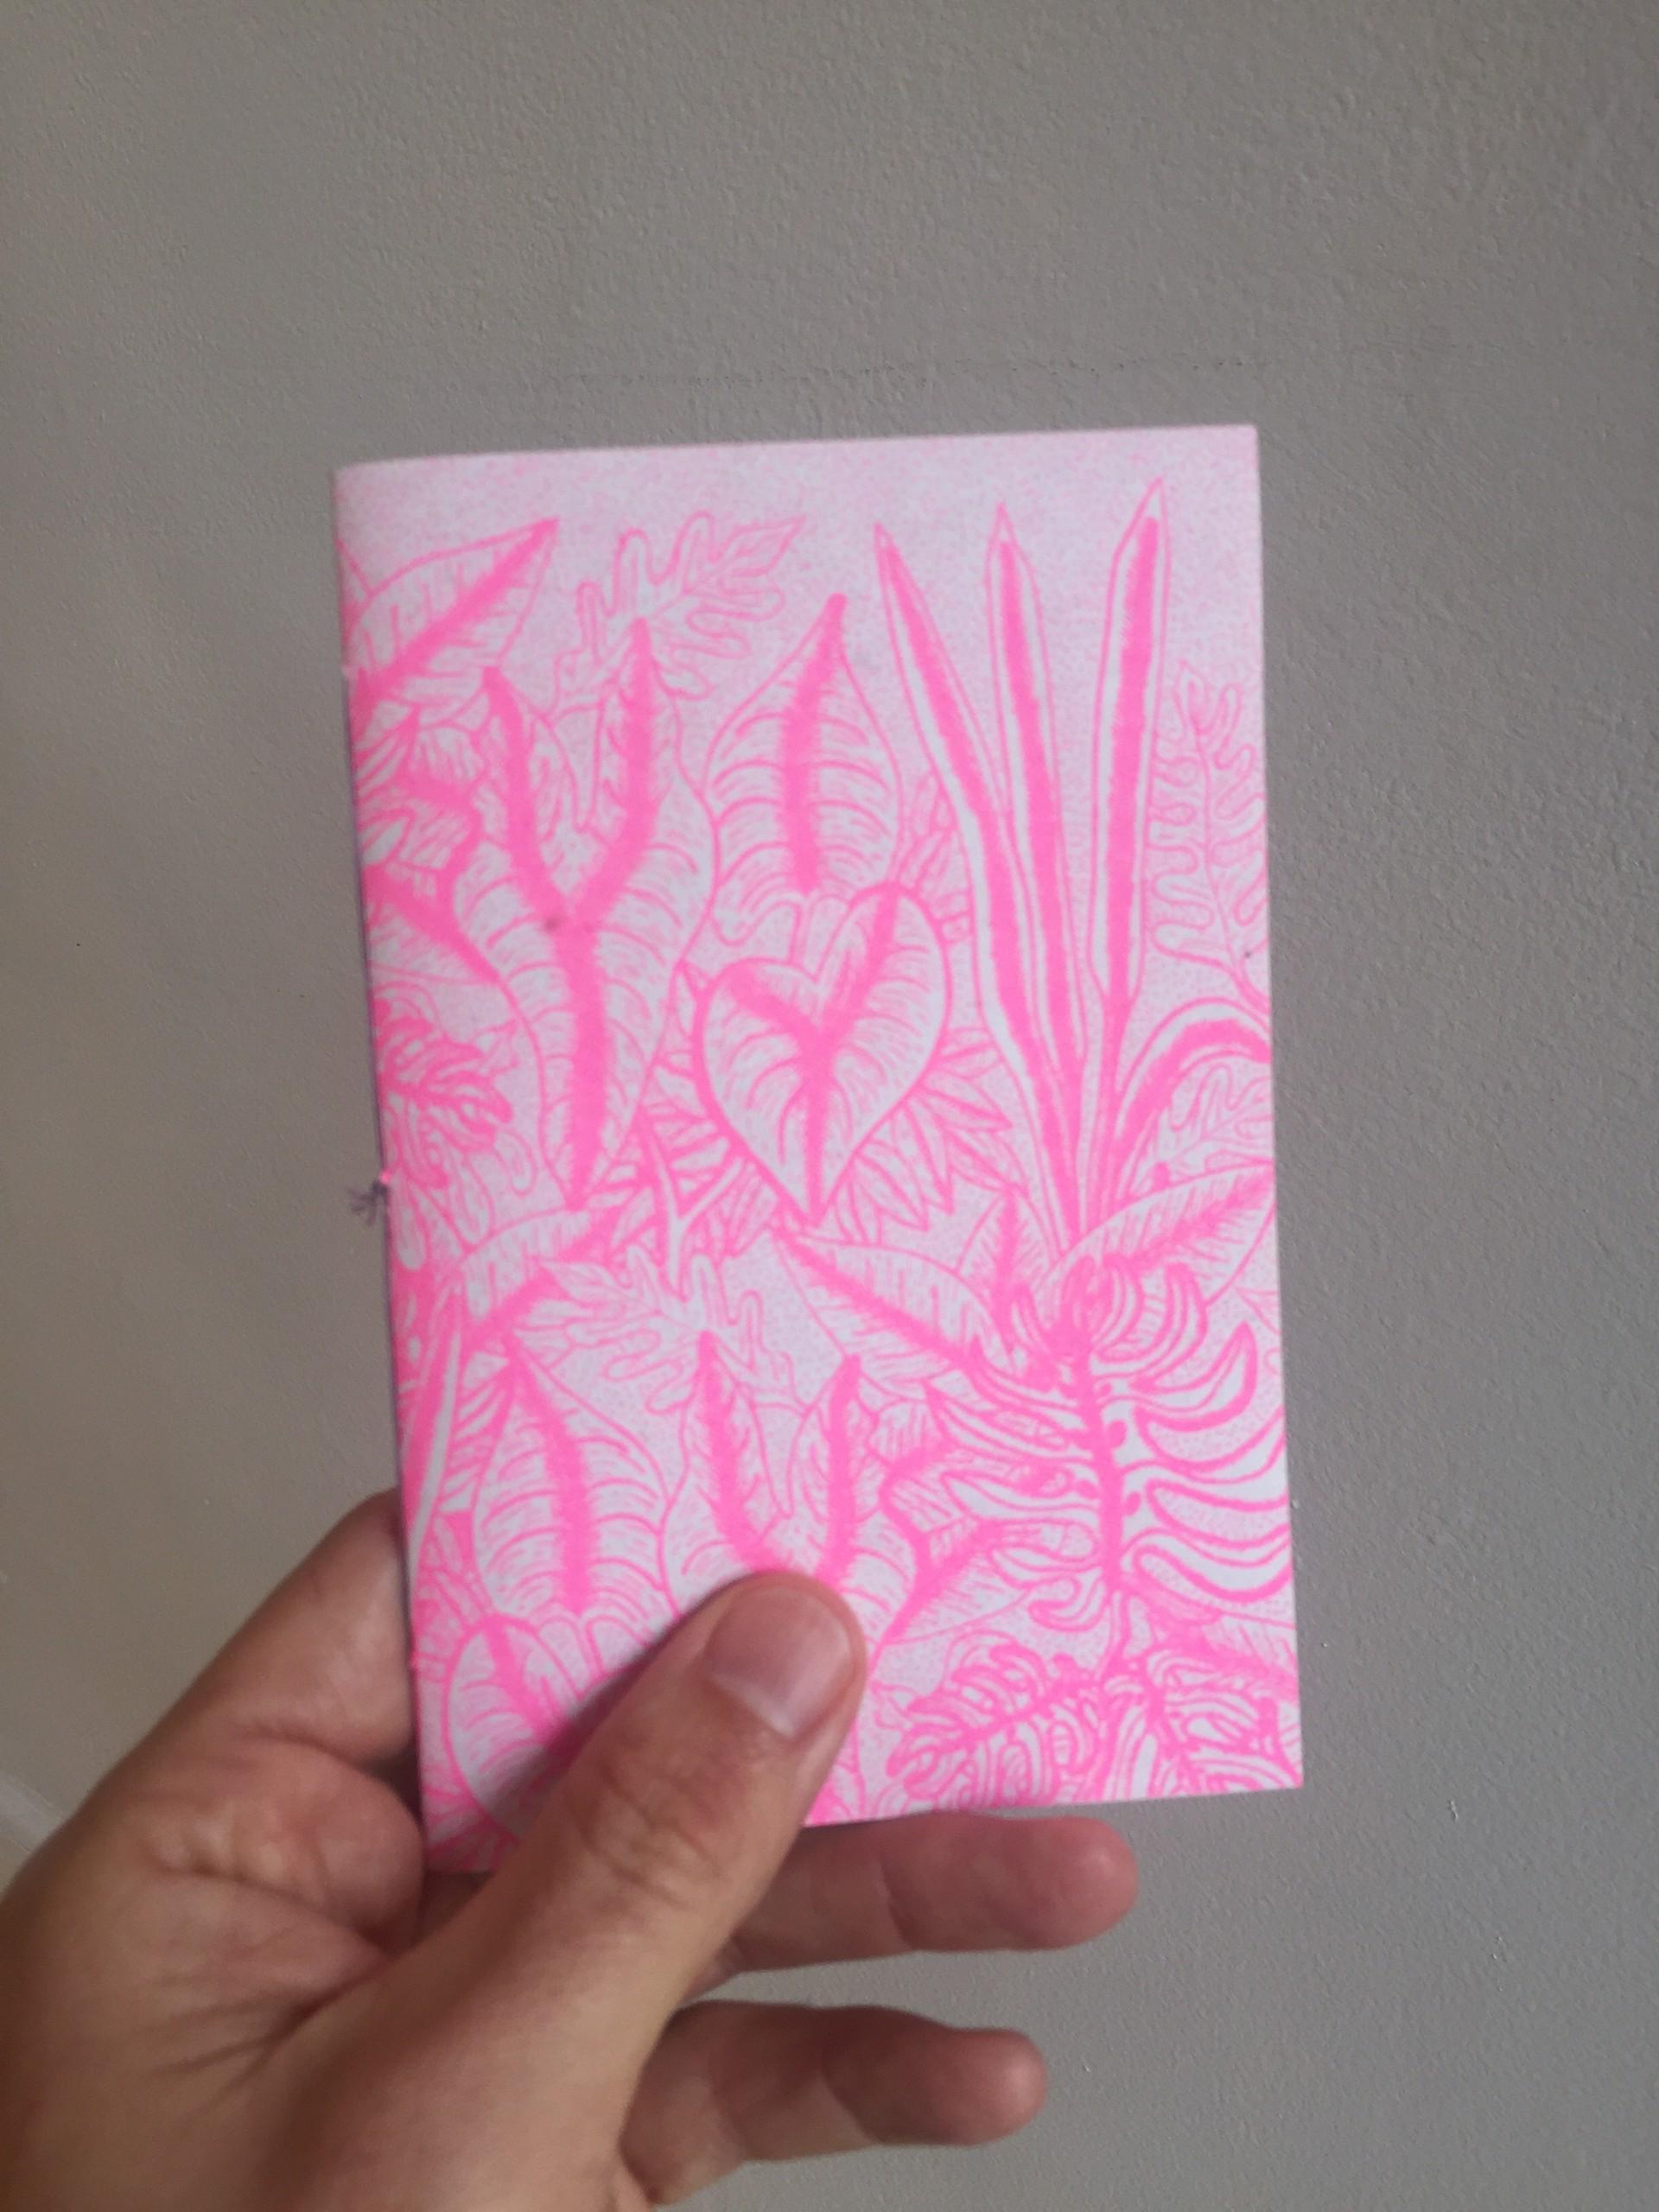 Sabiduira Salvaje (Pink) by Polvoh Press